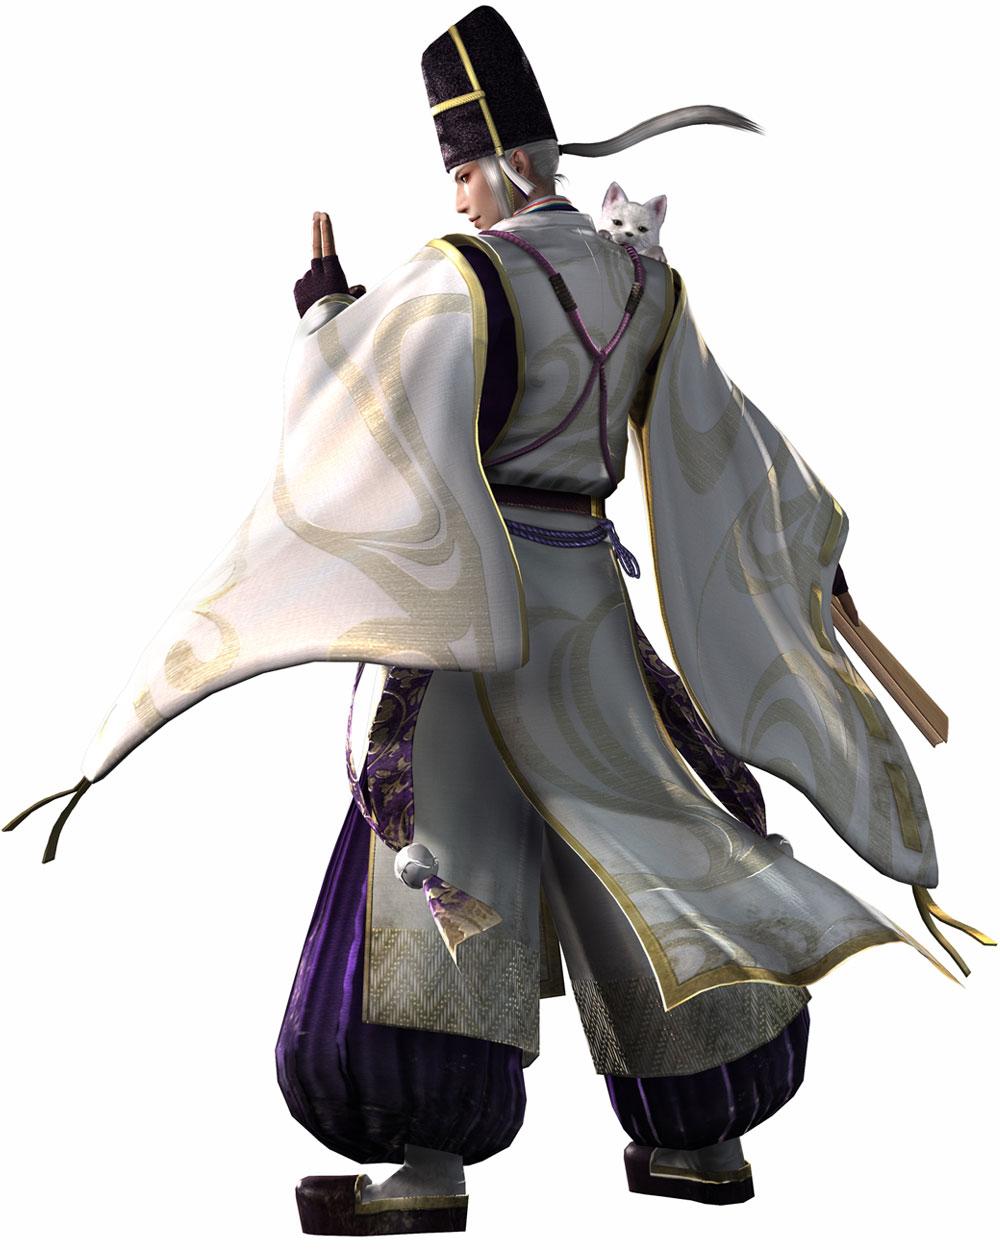 Seimei Abe/#1652957